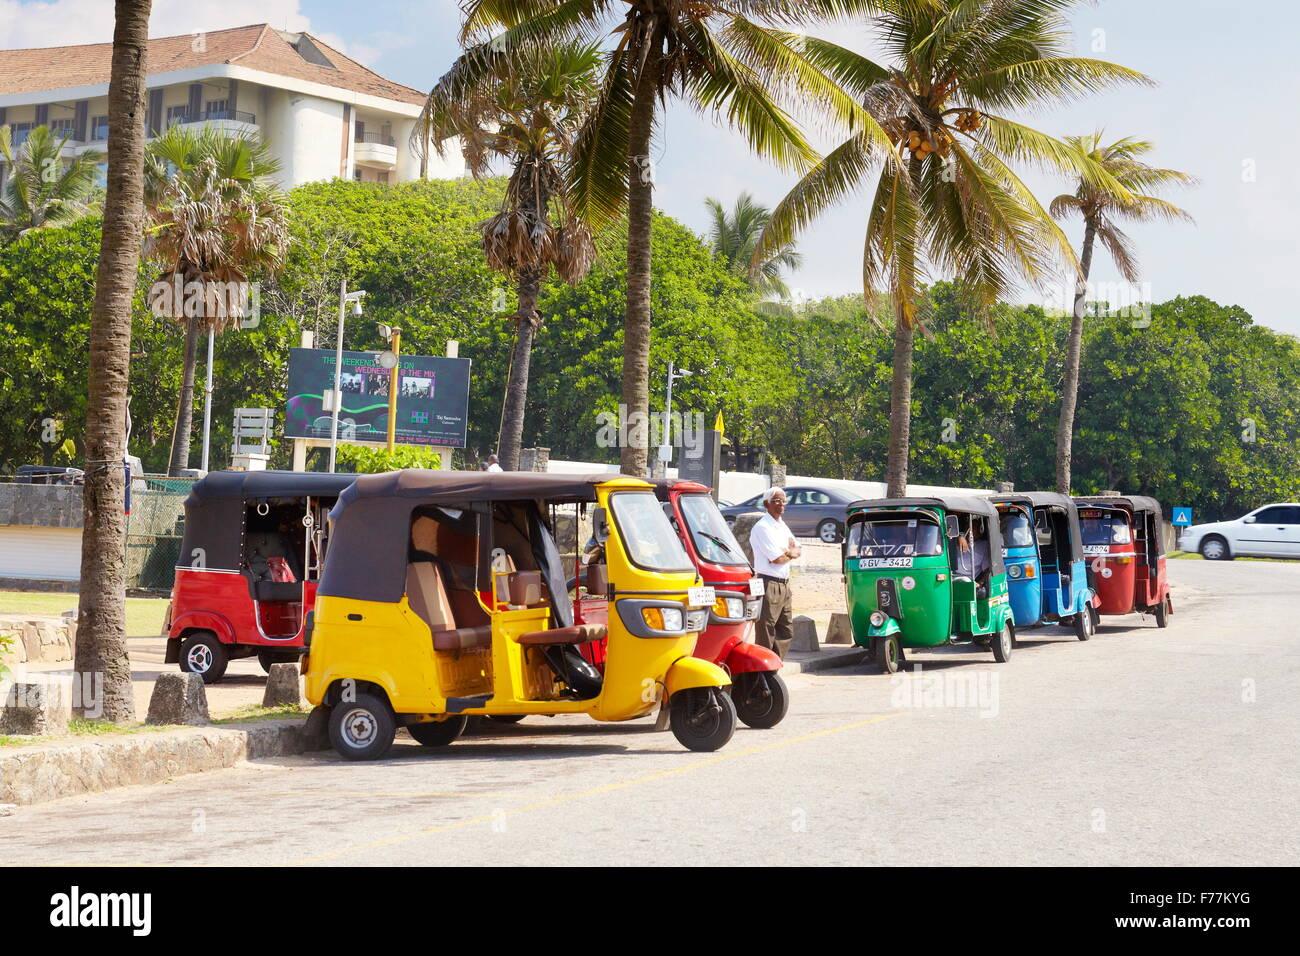 Sri Lanka - COLOMBO, tuk tuk taxi, moyen de transport typique Photo Stock